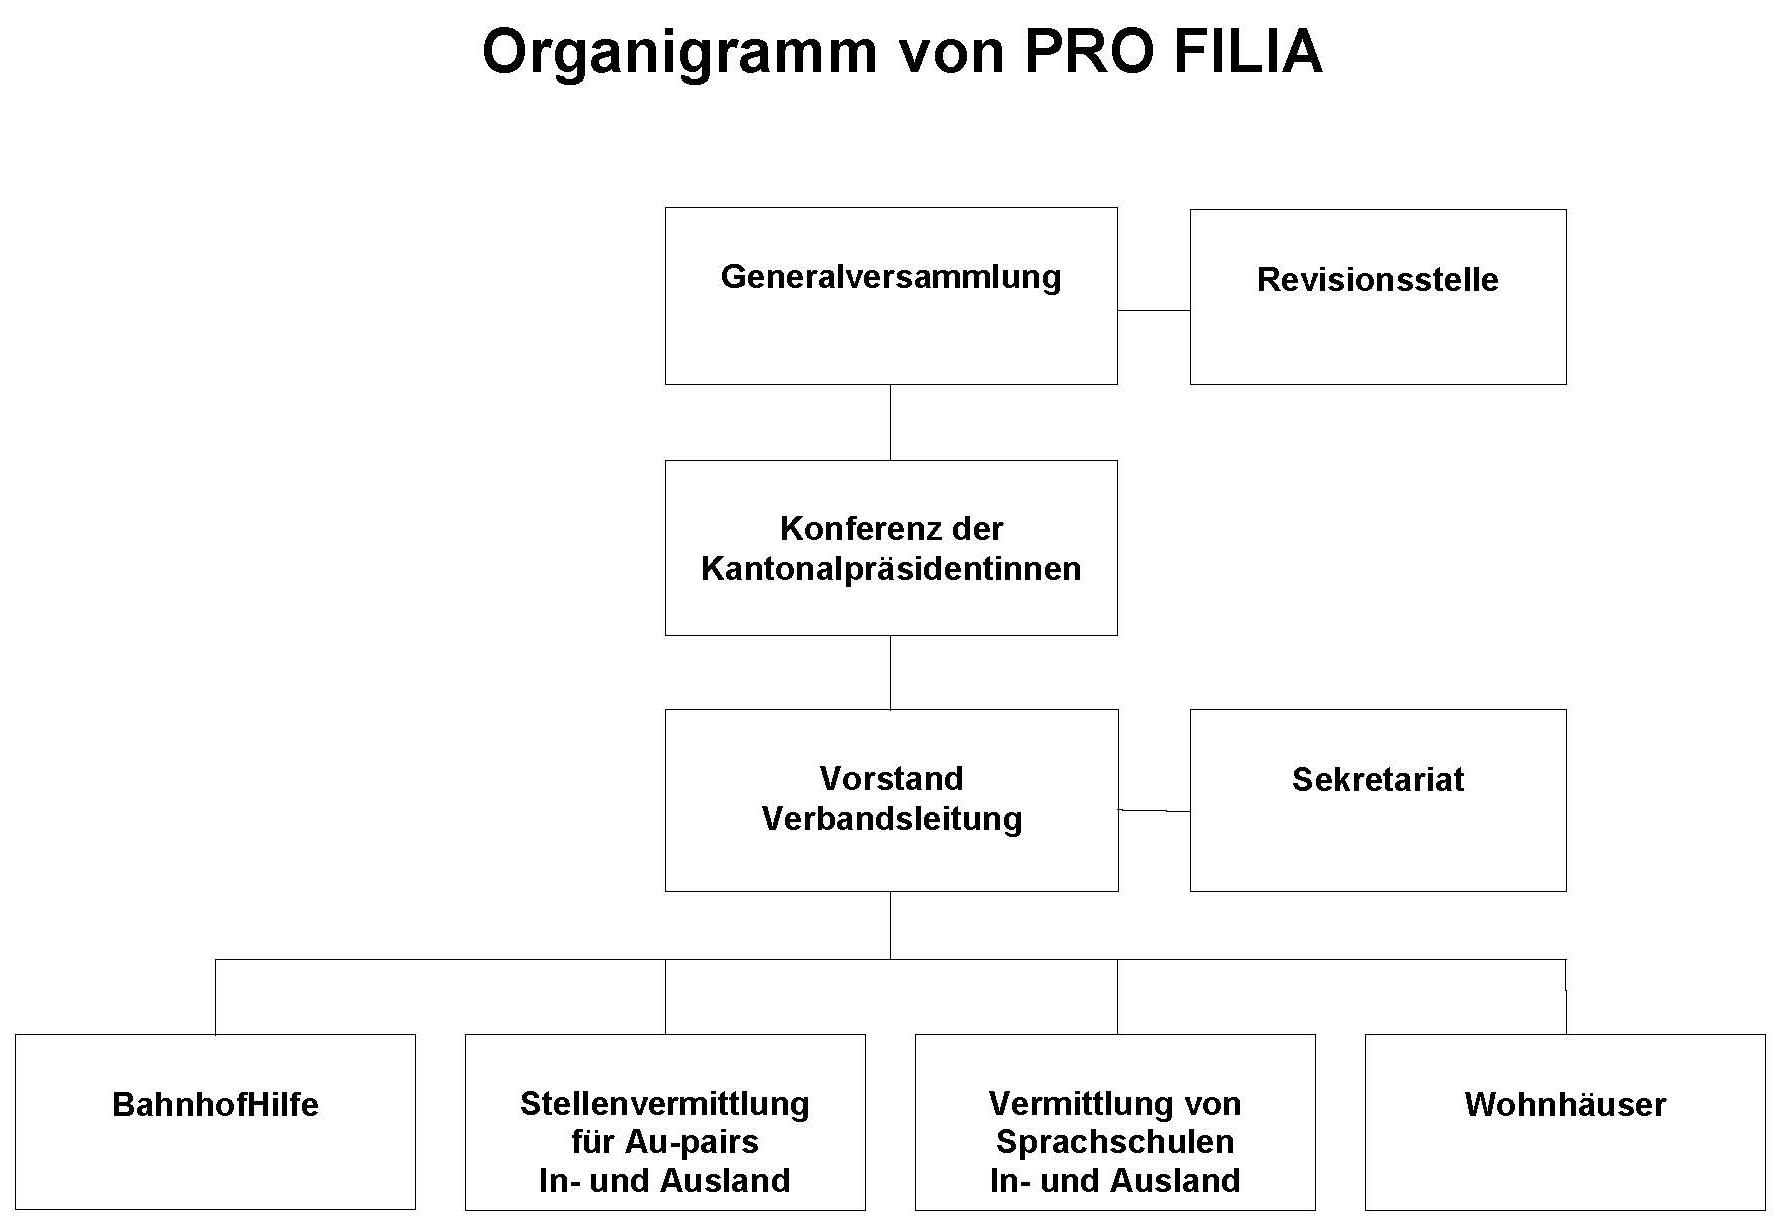 Organigramm PRO FILIA Schweiz